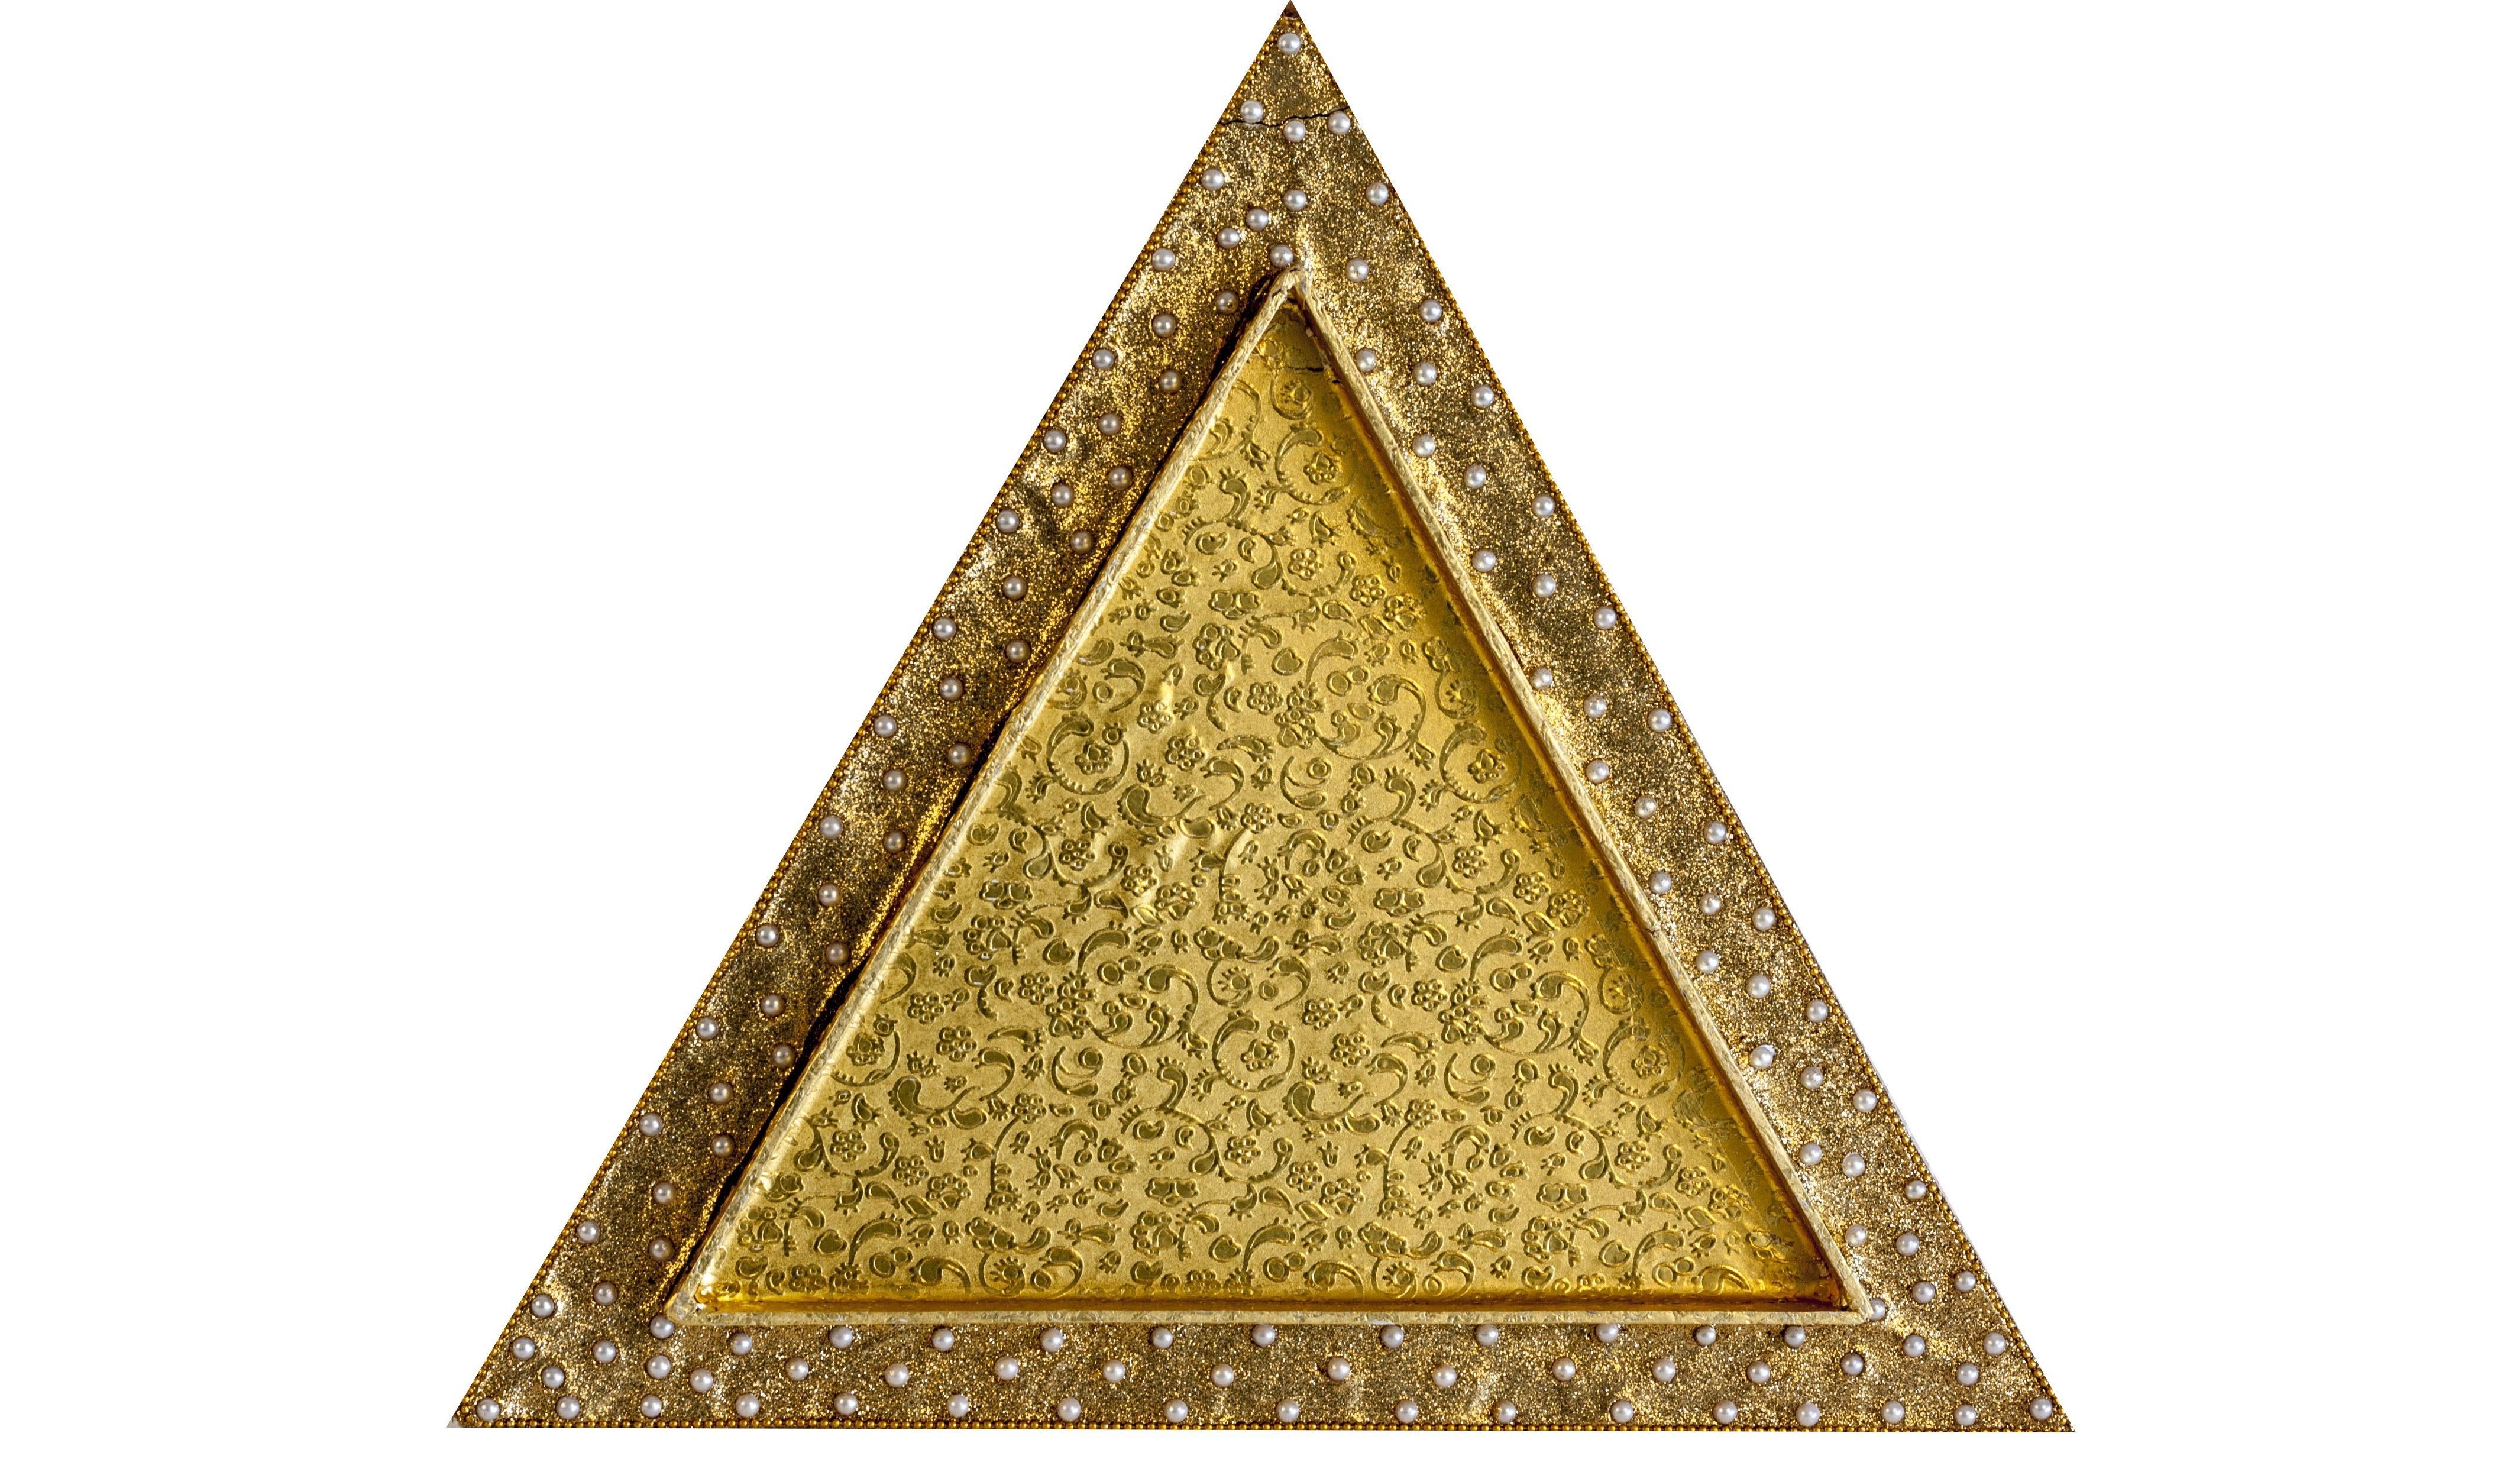 Praktische Philosophie, Triangel